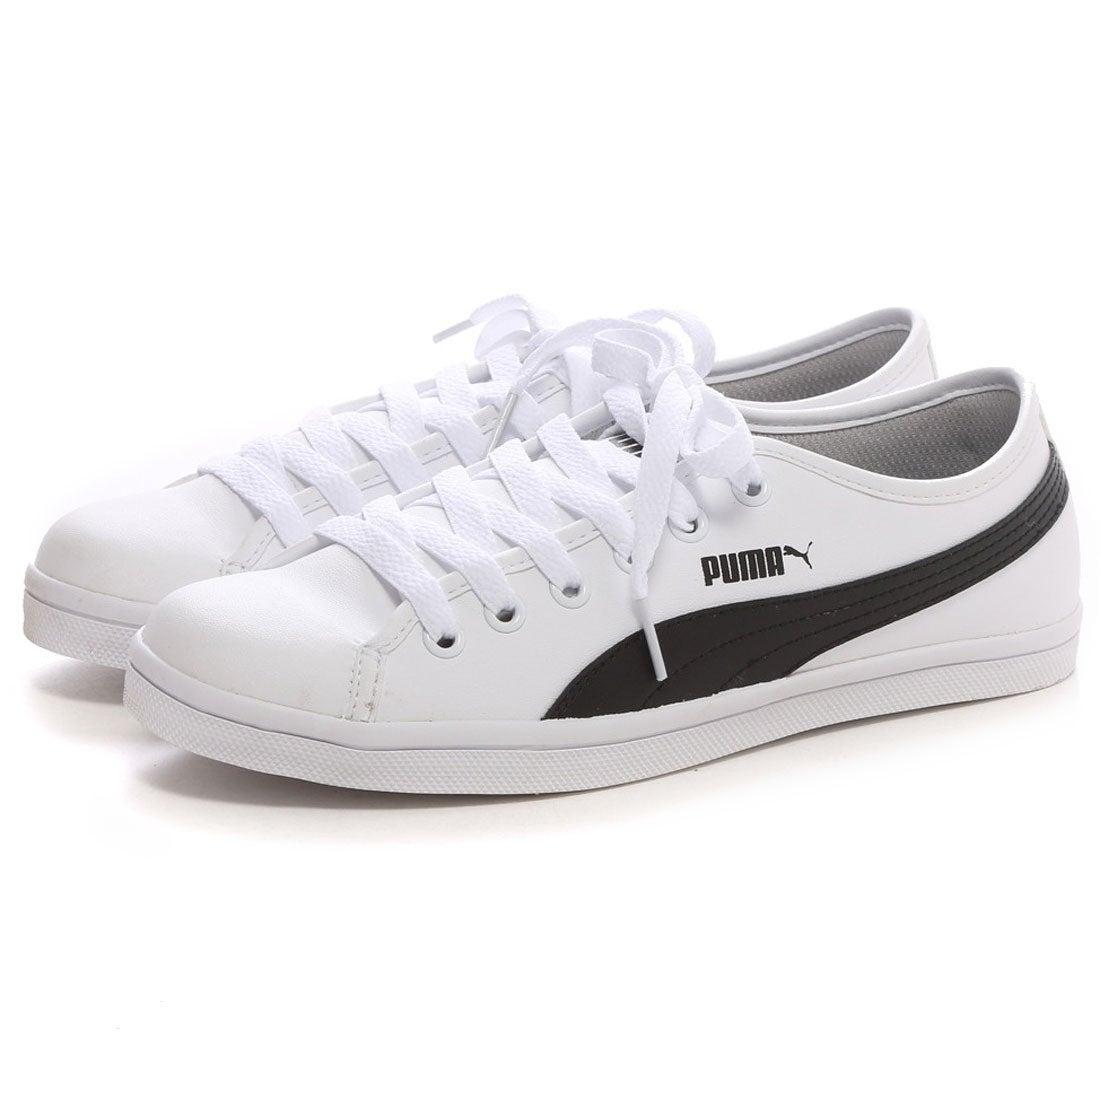 ... 靴とファッションの通販サイト